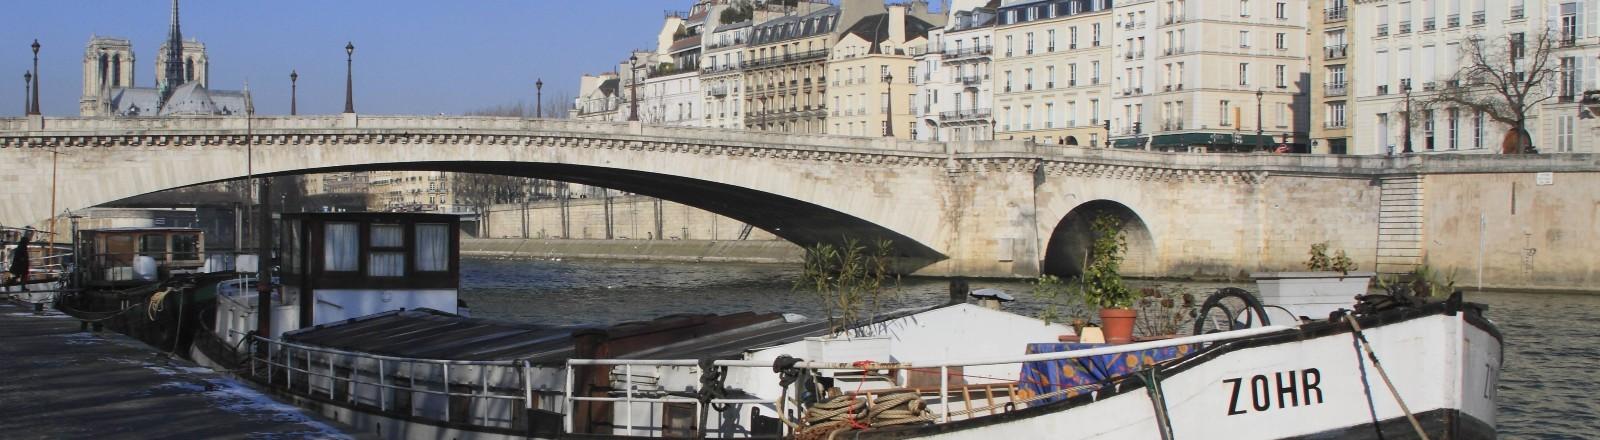 Frachtschiff auf der Seine